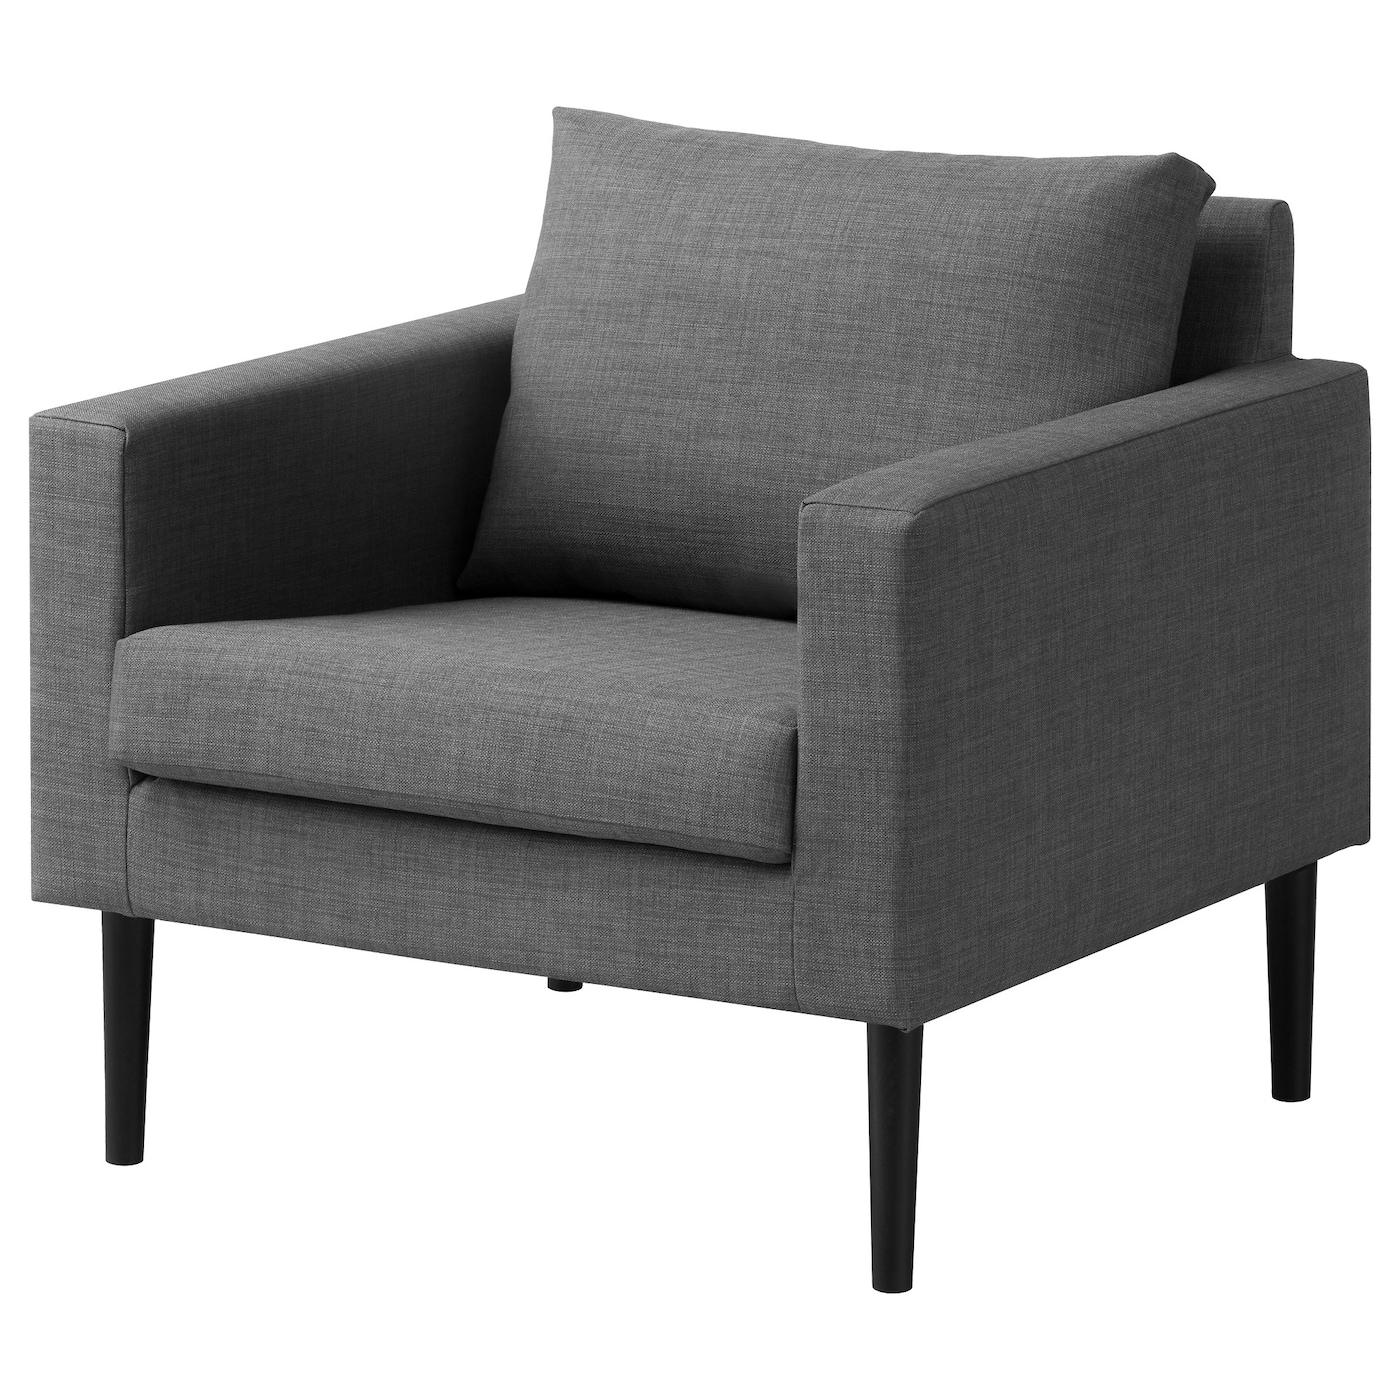 Sillones Comodos Y De Calidad Compra Online Ikea - Sillones-comodos-y-modernos